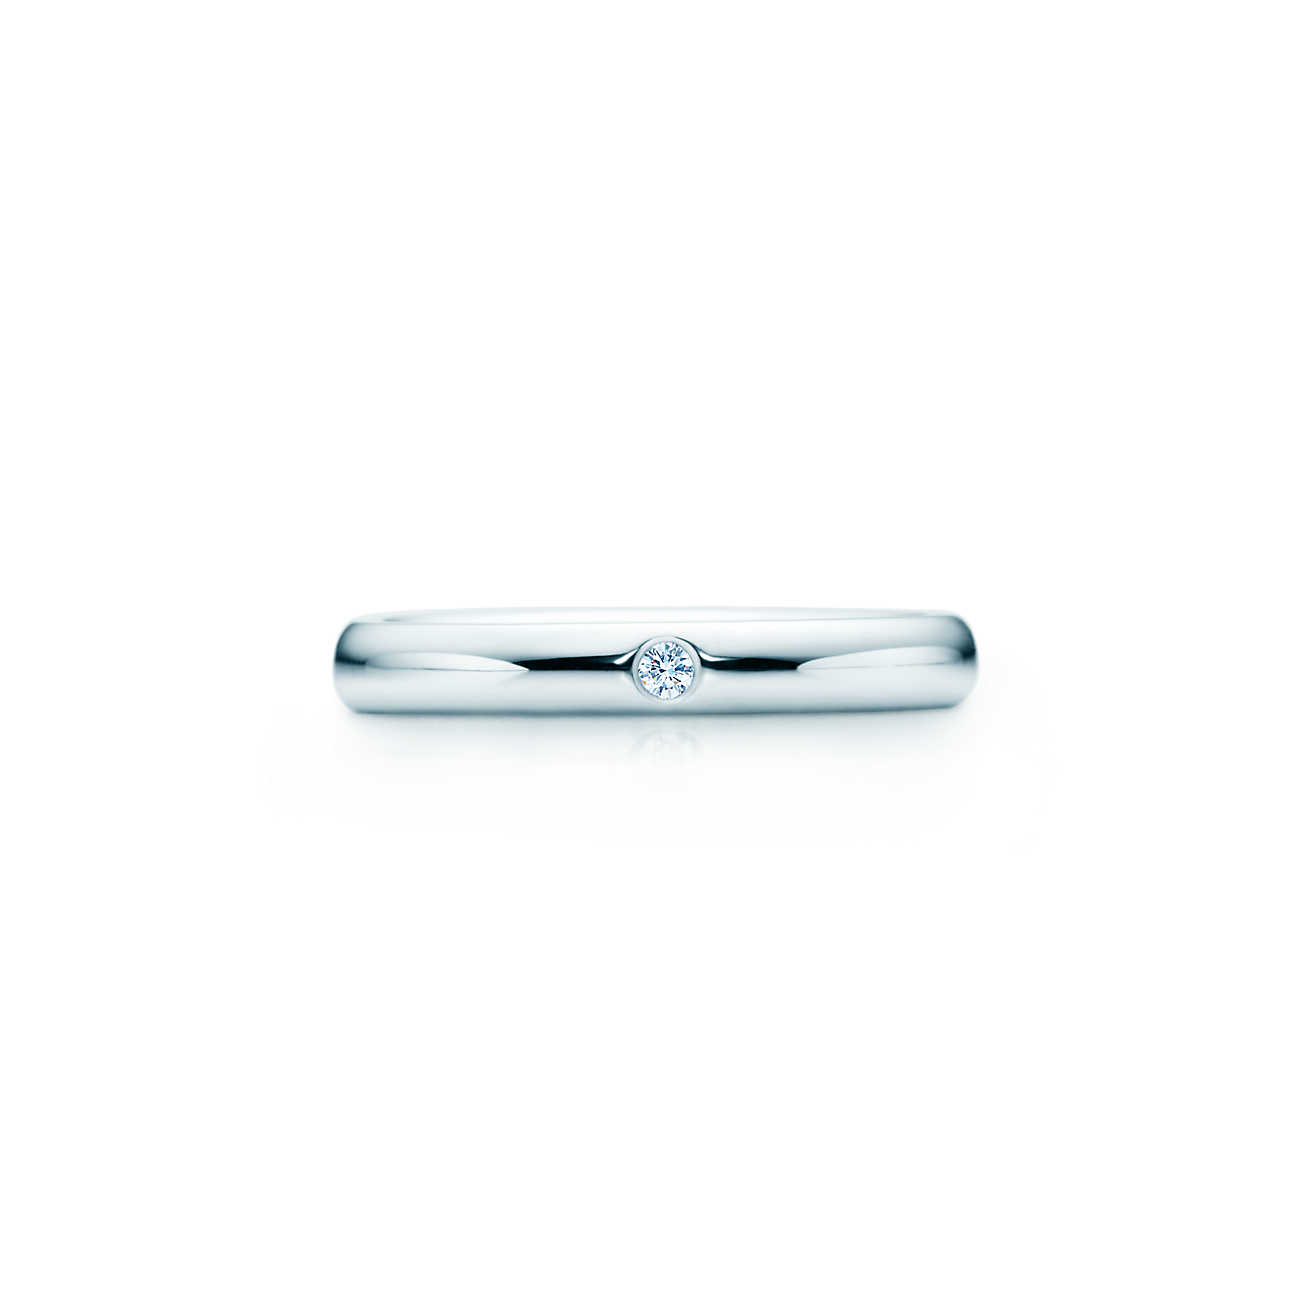 皆さん、どんな結婚指輪してますか?